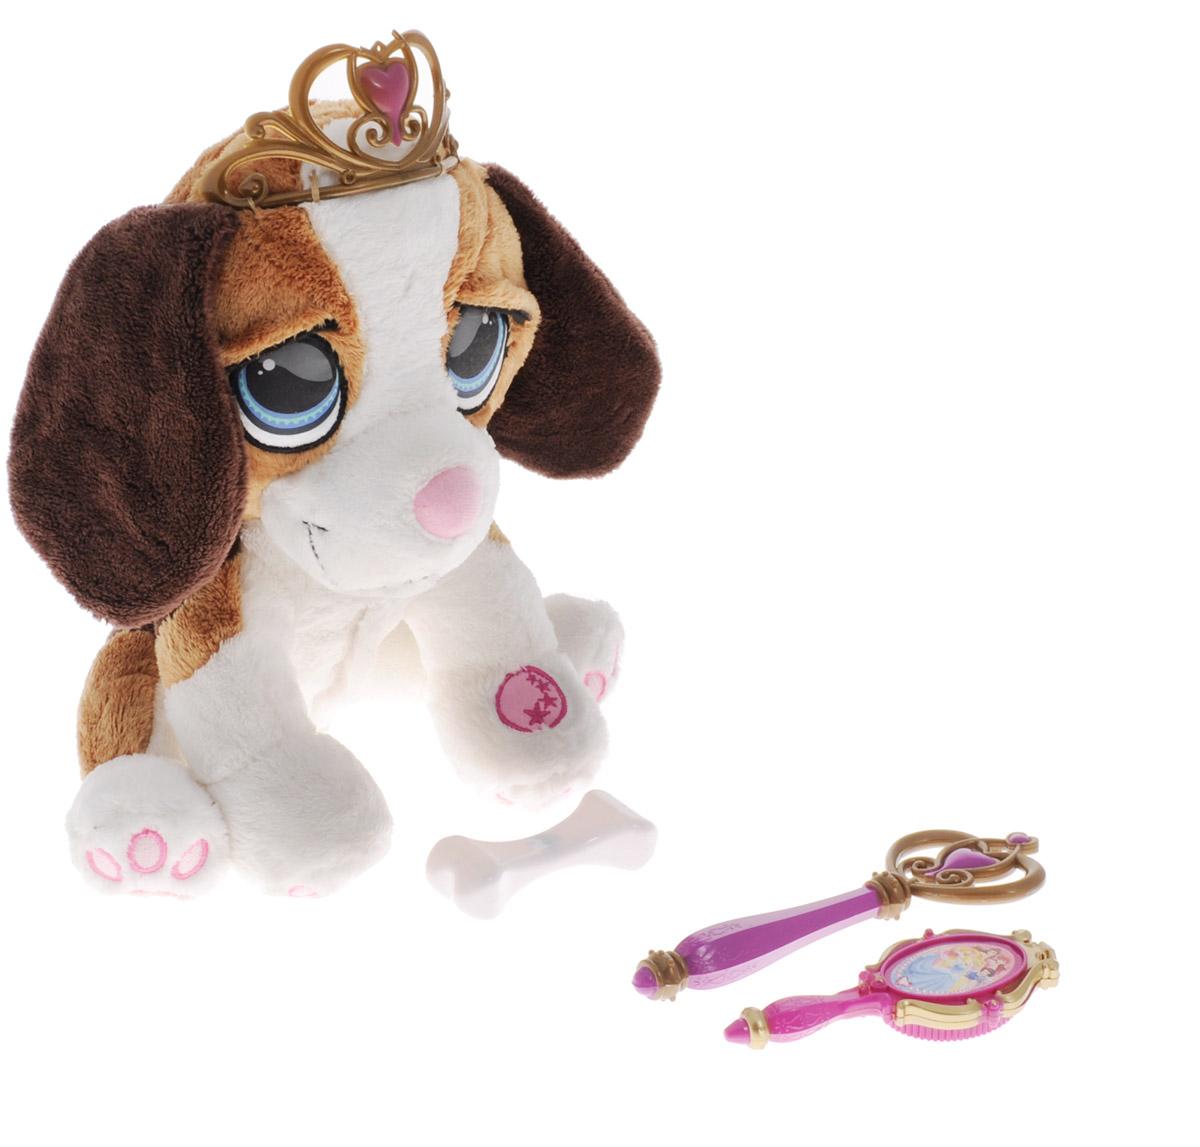 Disney Интерактивная игрушка Щенок принцессыDPPE1Интерактивная игрушка Disney Щенок принцессы станет лучшей игрушкой для любой девочки! В набор входит большое количество аксессуаров - подвеска, в которую можно внести имя питомца. Также в наборе имеется косточка - поднесите ее ко рту собачки и она начнет ее грызть. С помощью волшебной палочки щенок начинает лаять (необходимо поднести ко лбу), а если расчесать его специальной щеткой услышите как он обрадуется. Игрушка принесет ребенку много радости и станет верным другом на долгое время. Рекомендуется докупить 2 батарейки типа АА (товар комплектуется демонстрационными).